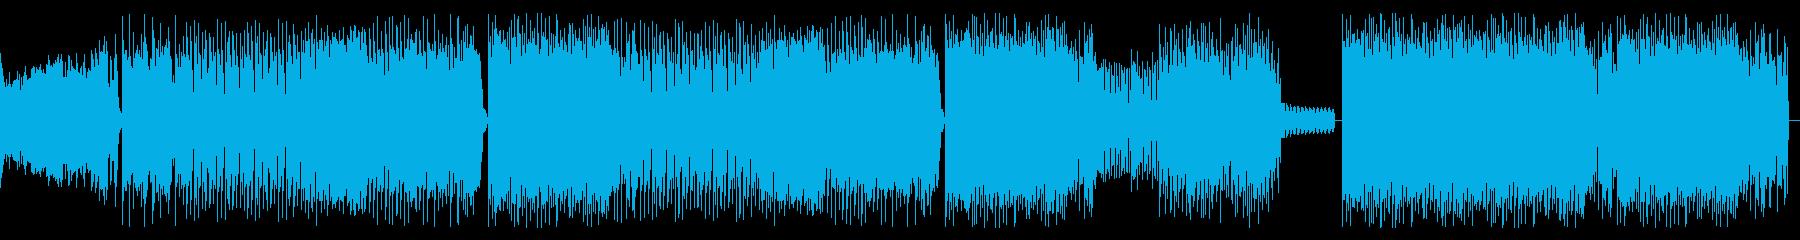 はちゃめちゃでスリリングなEDMビートの再生済みの波形